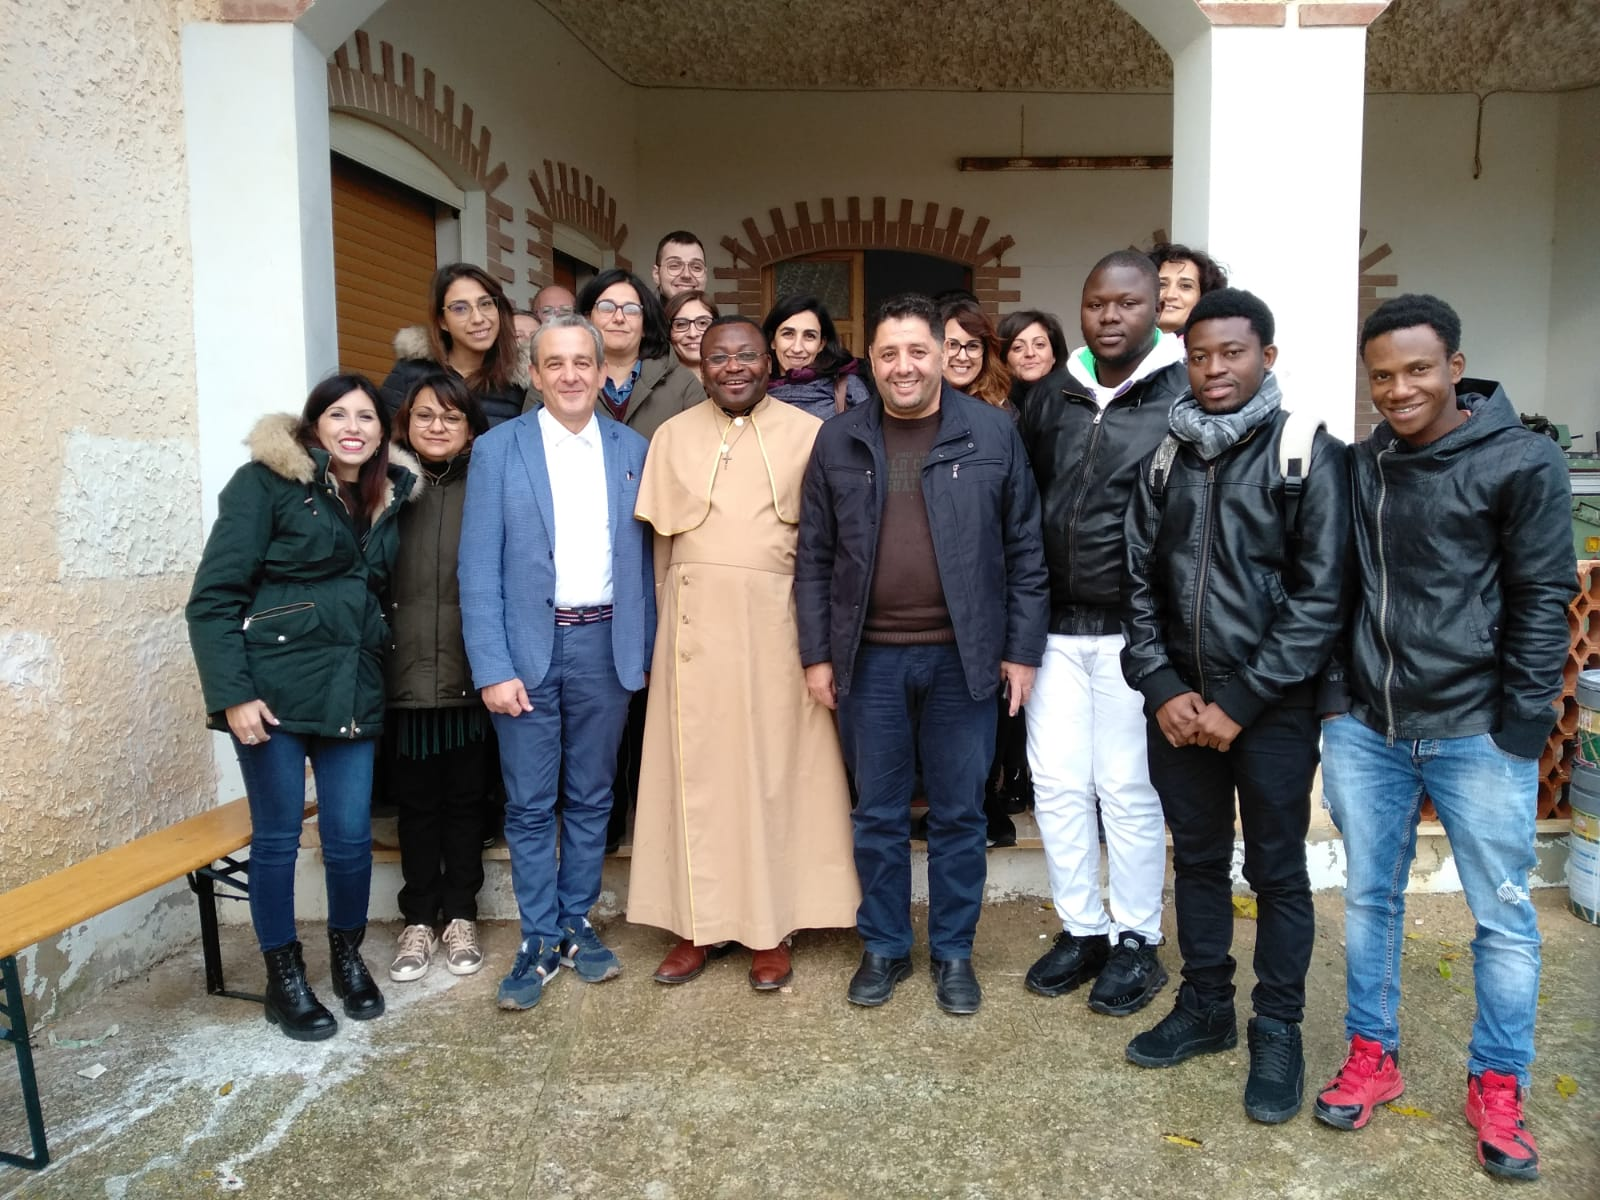 Lavoro A Chiaramonte Gulfi inpress: integrazione culturale: il presidente della